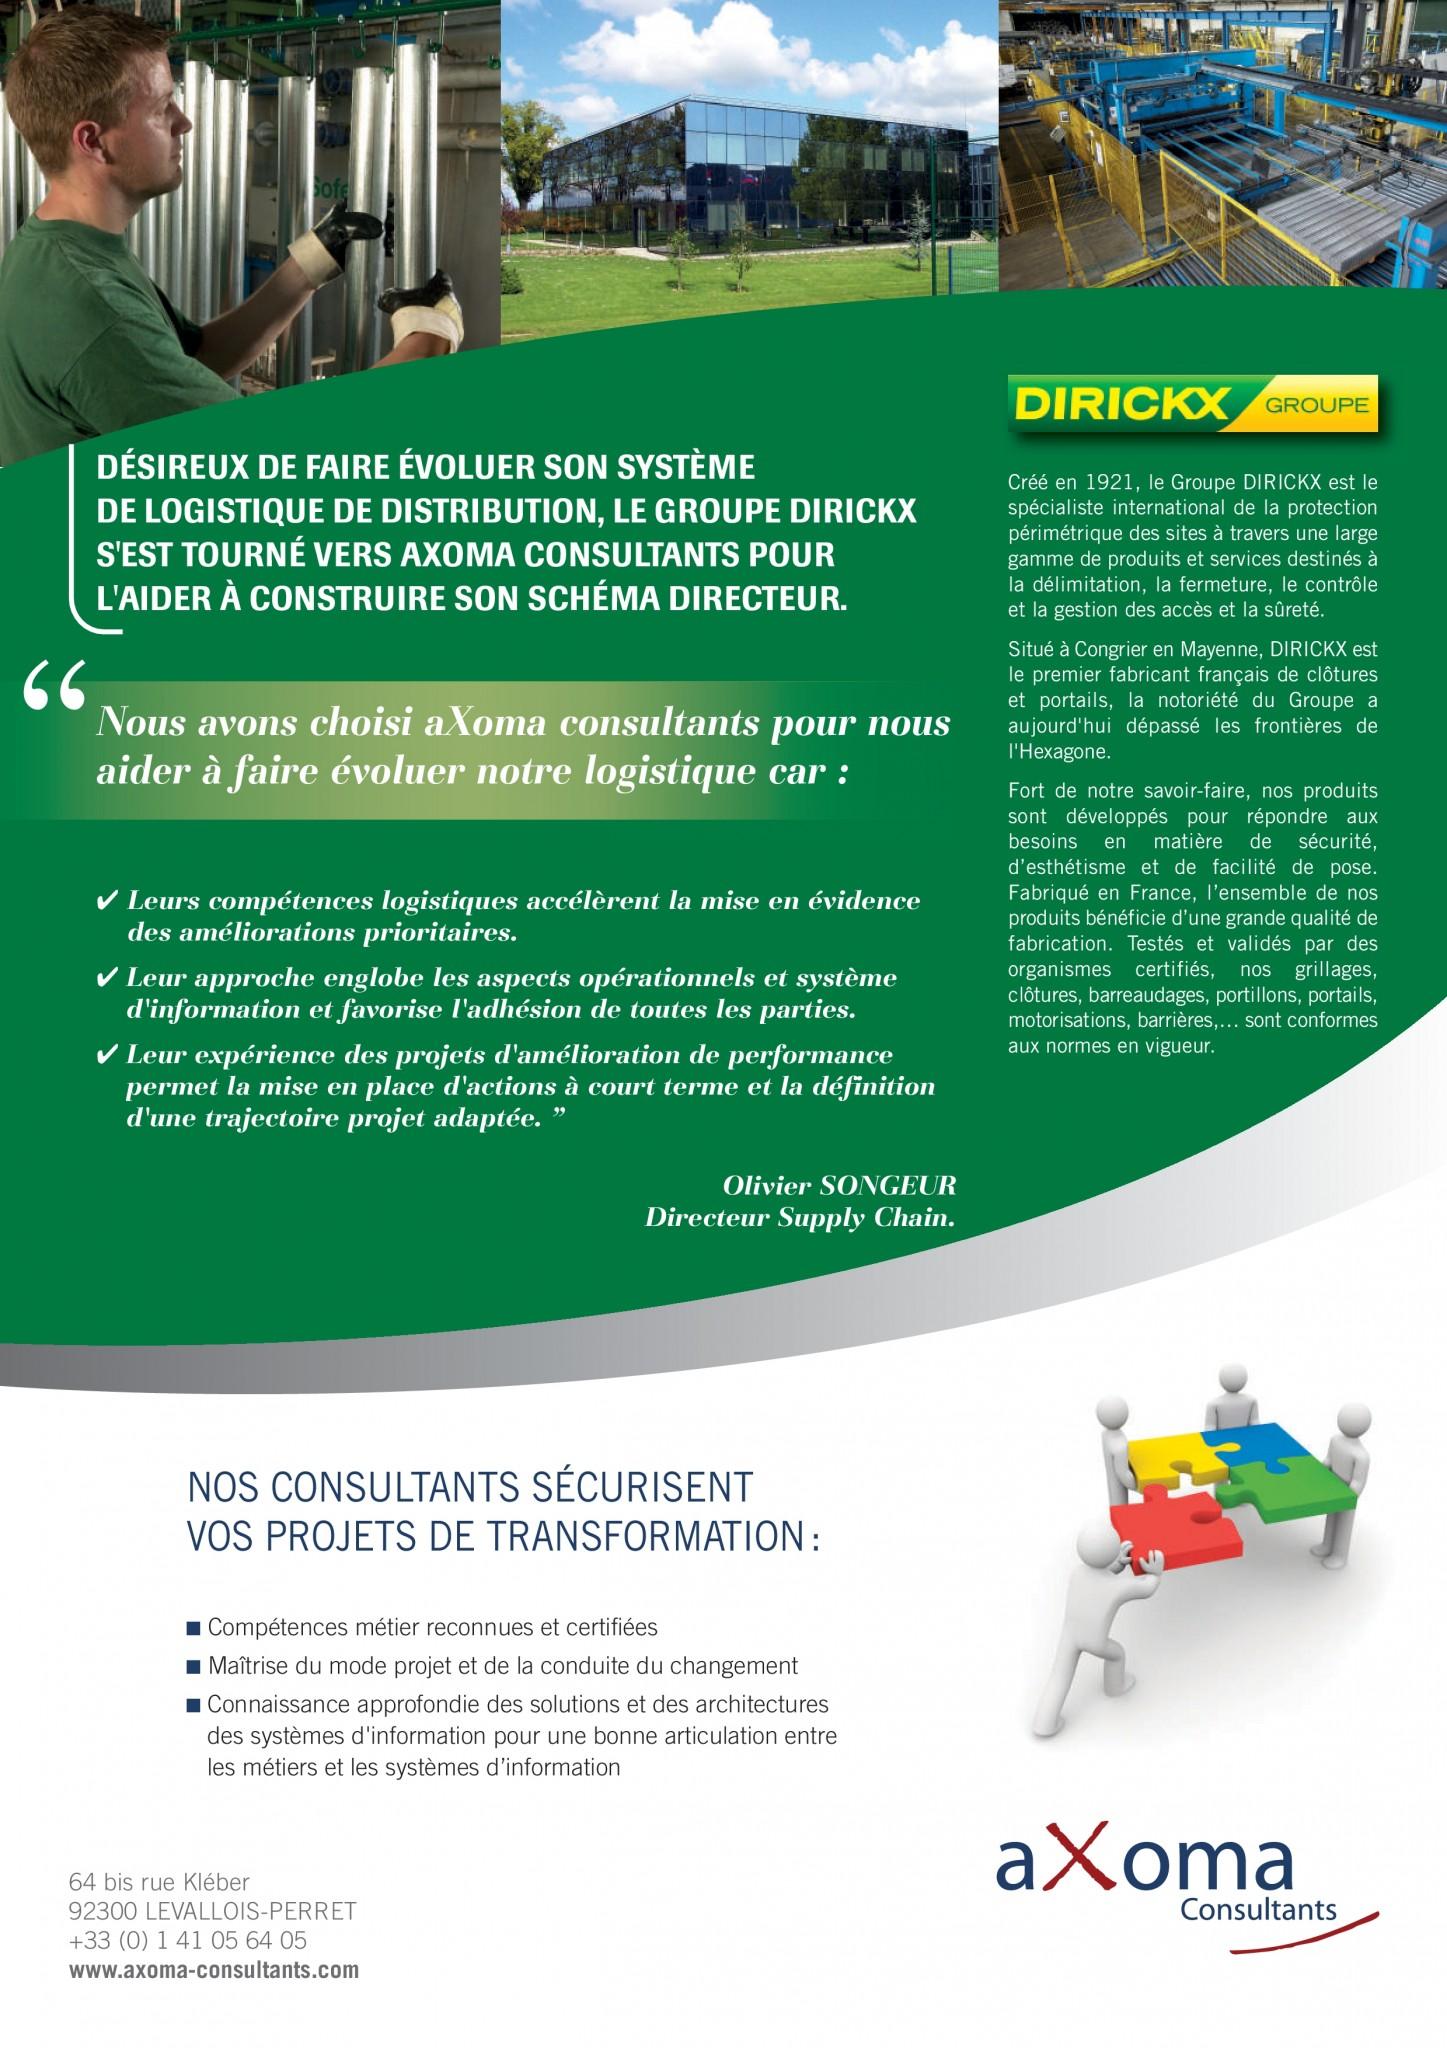 aXoma-Consultants-et-Dirickx